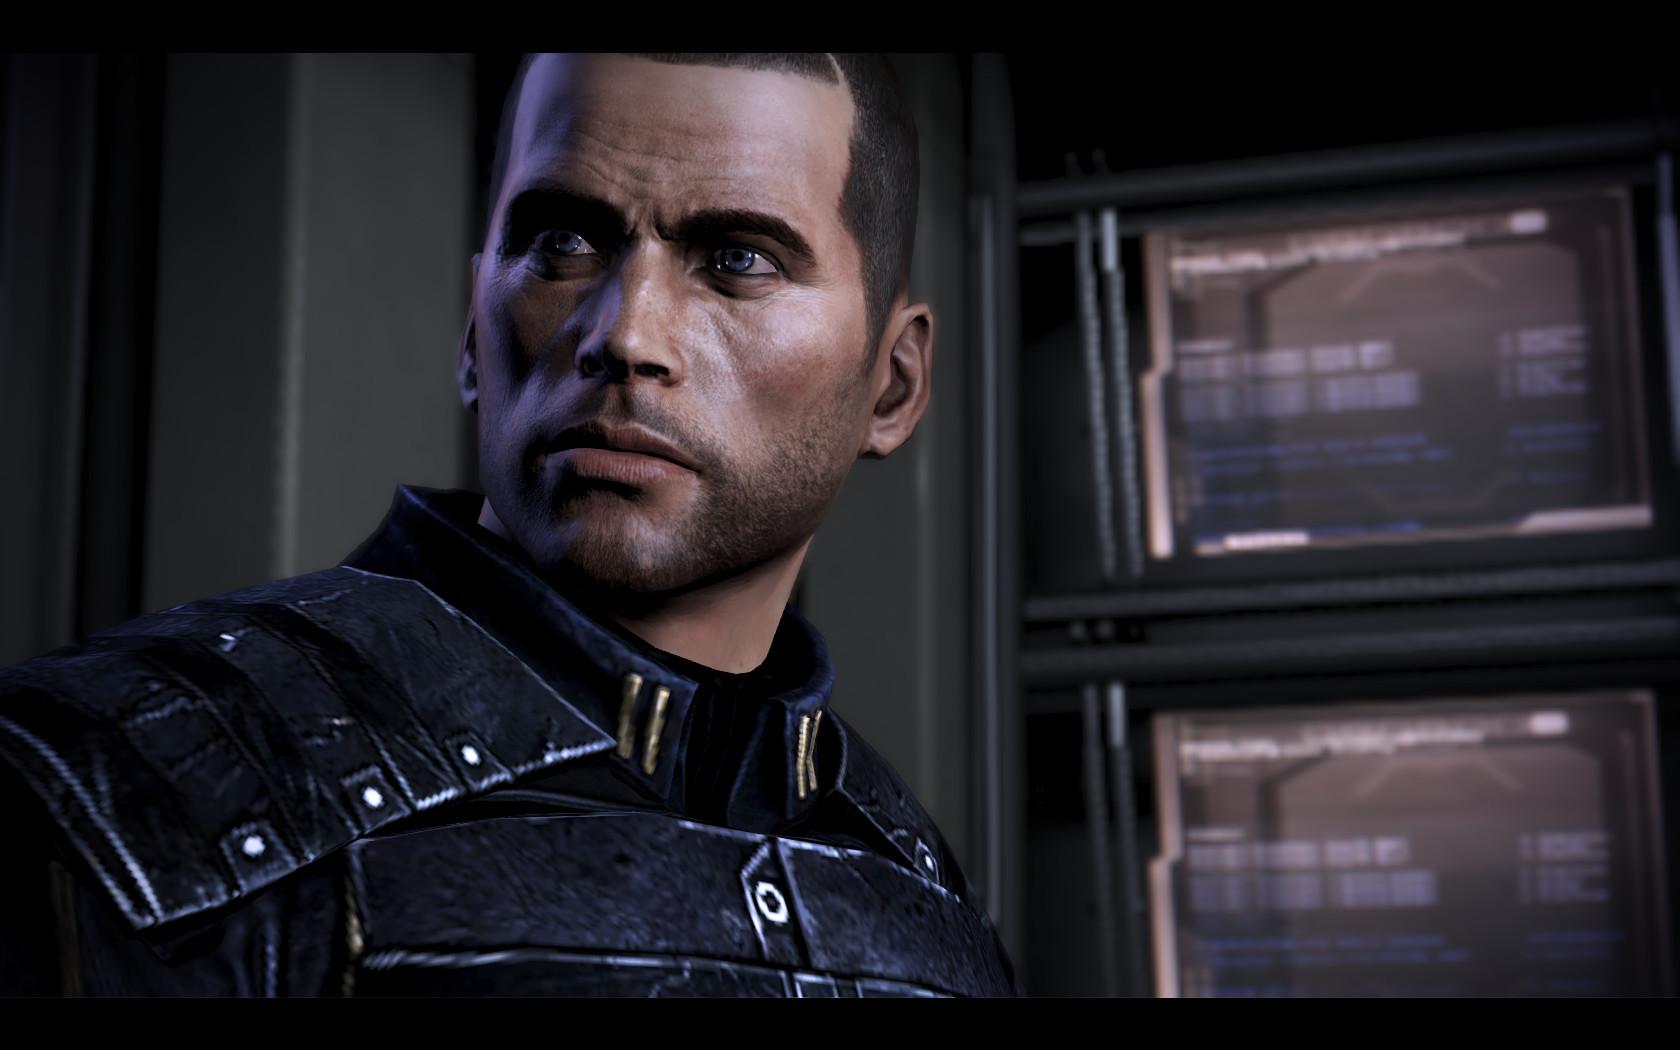 Commander Shepard - Wikipedia